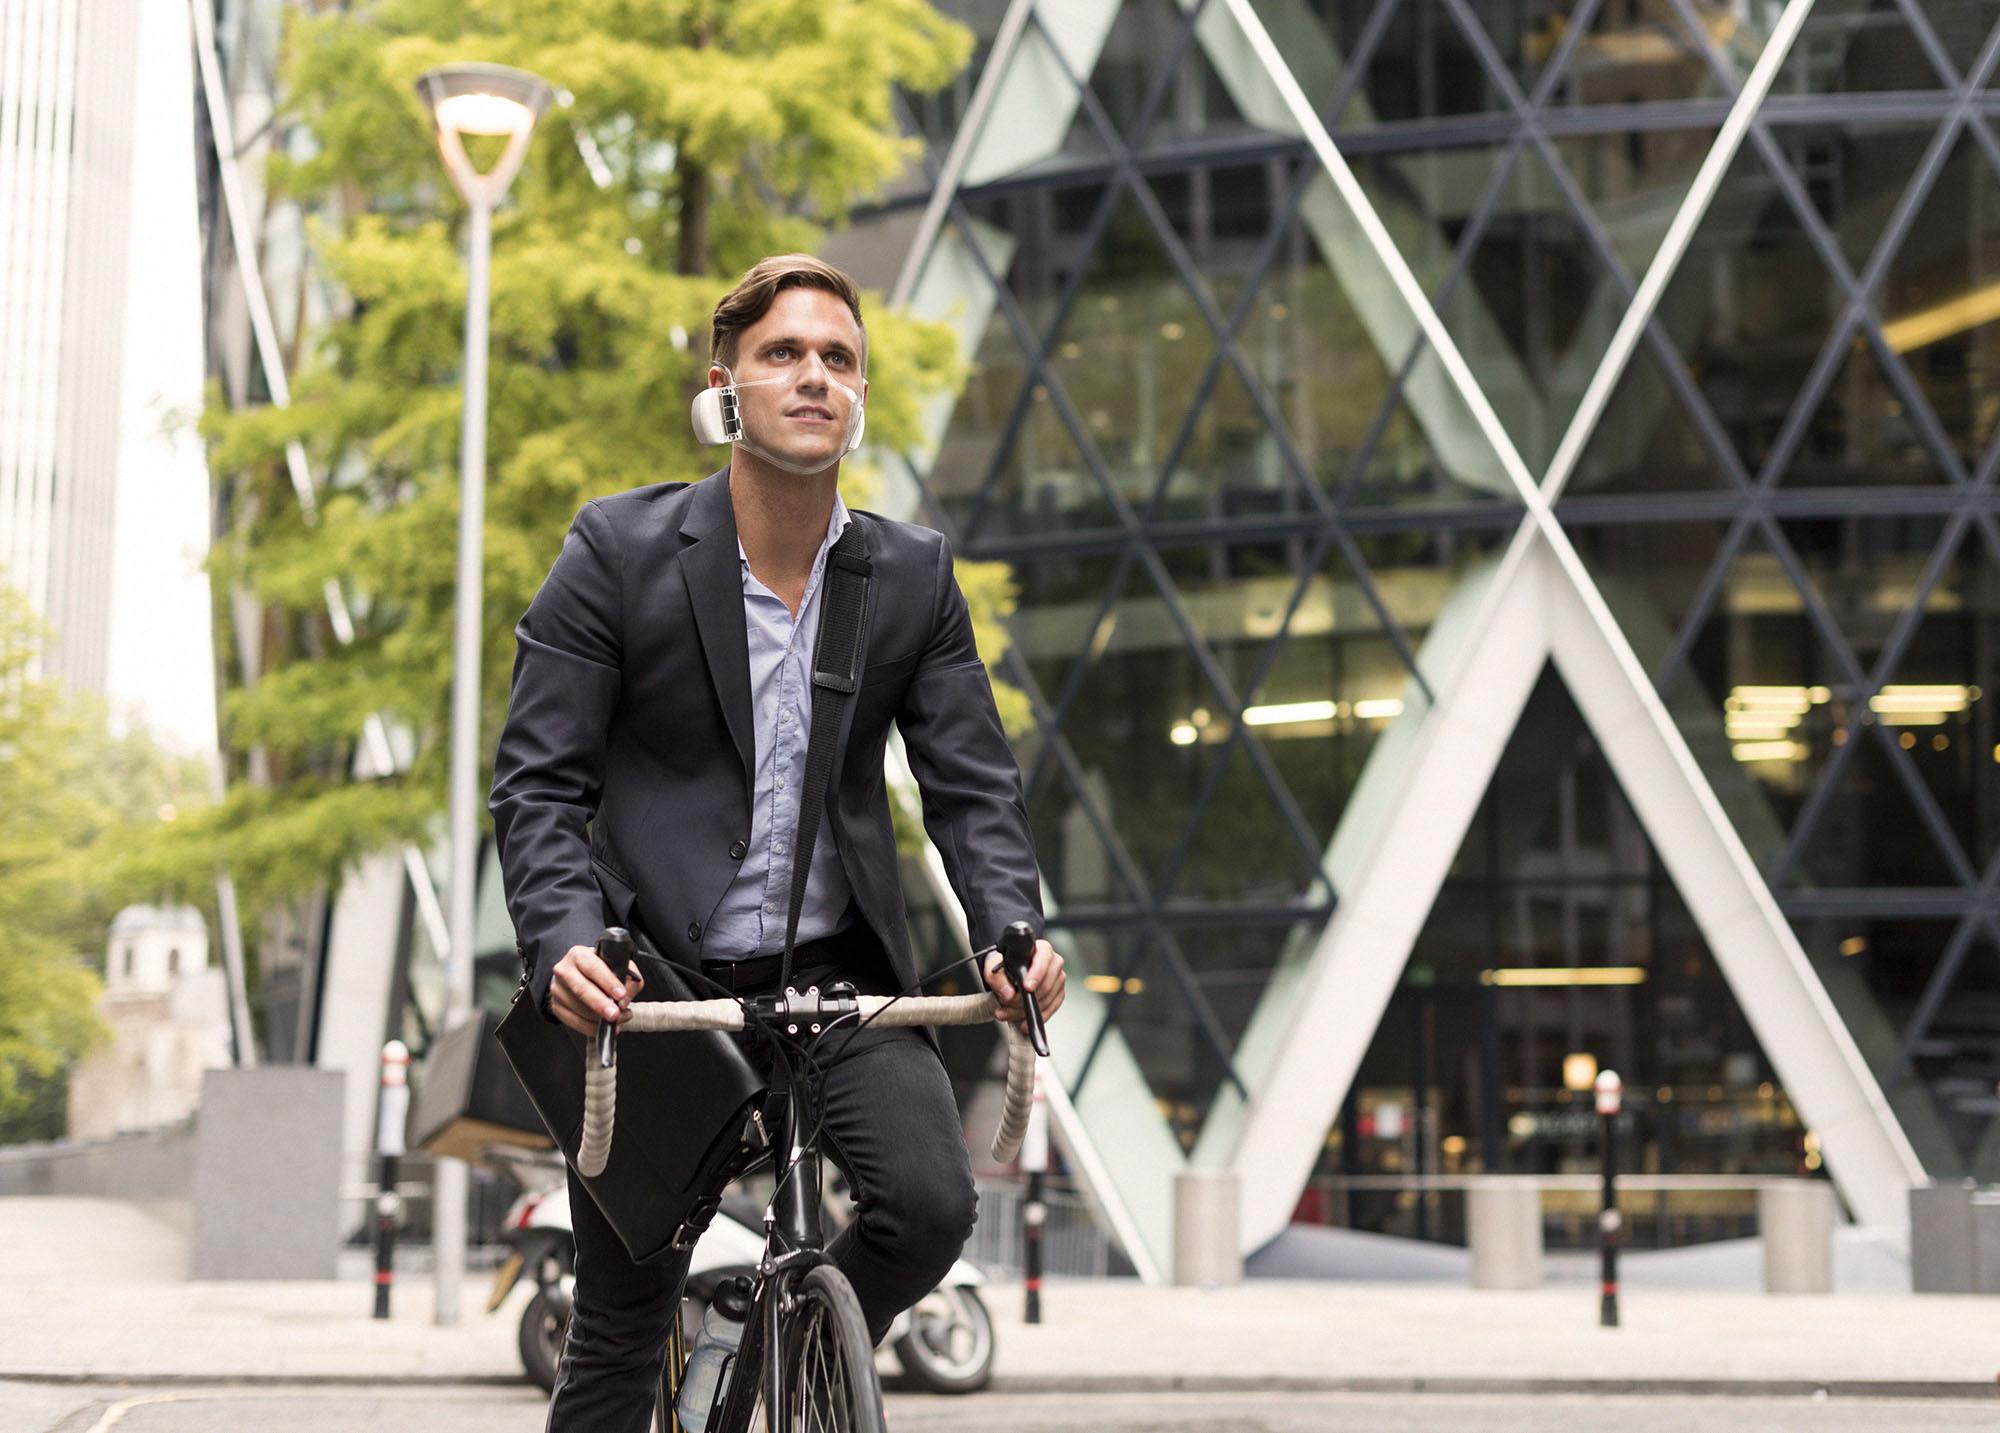 O2O2-Man_Bicycle_Patrick_Laing.jpg